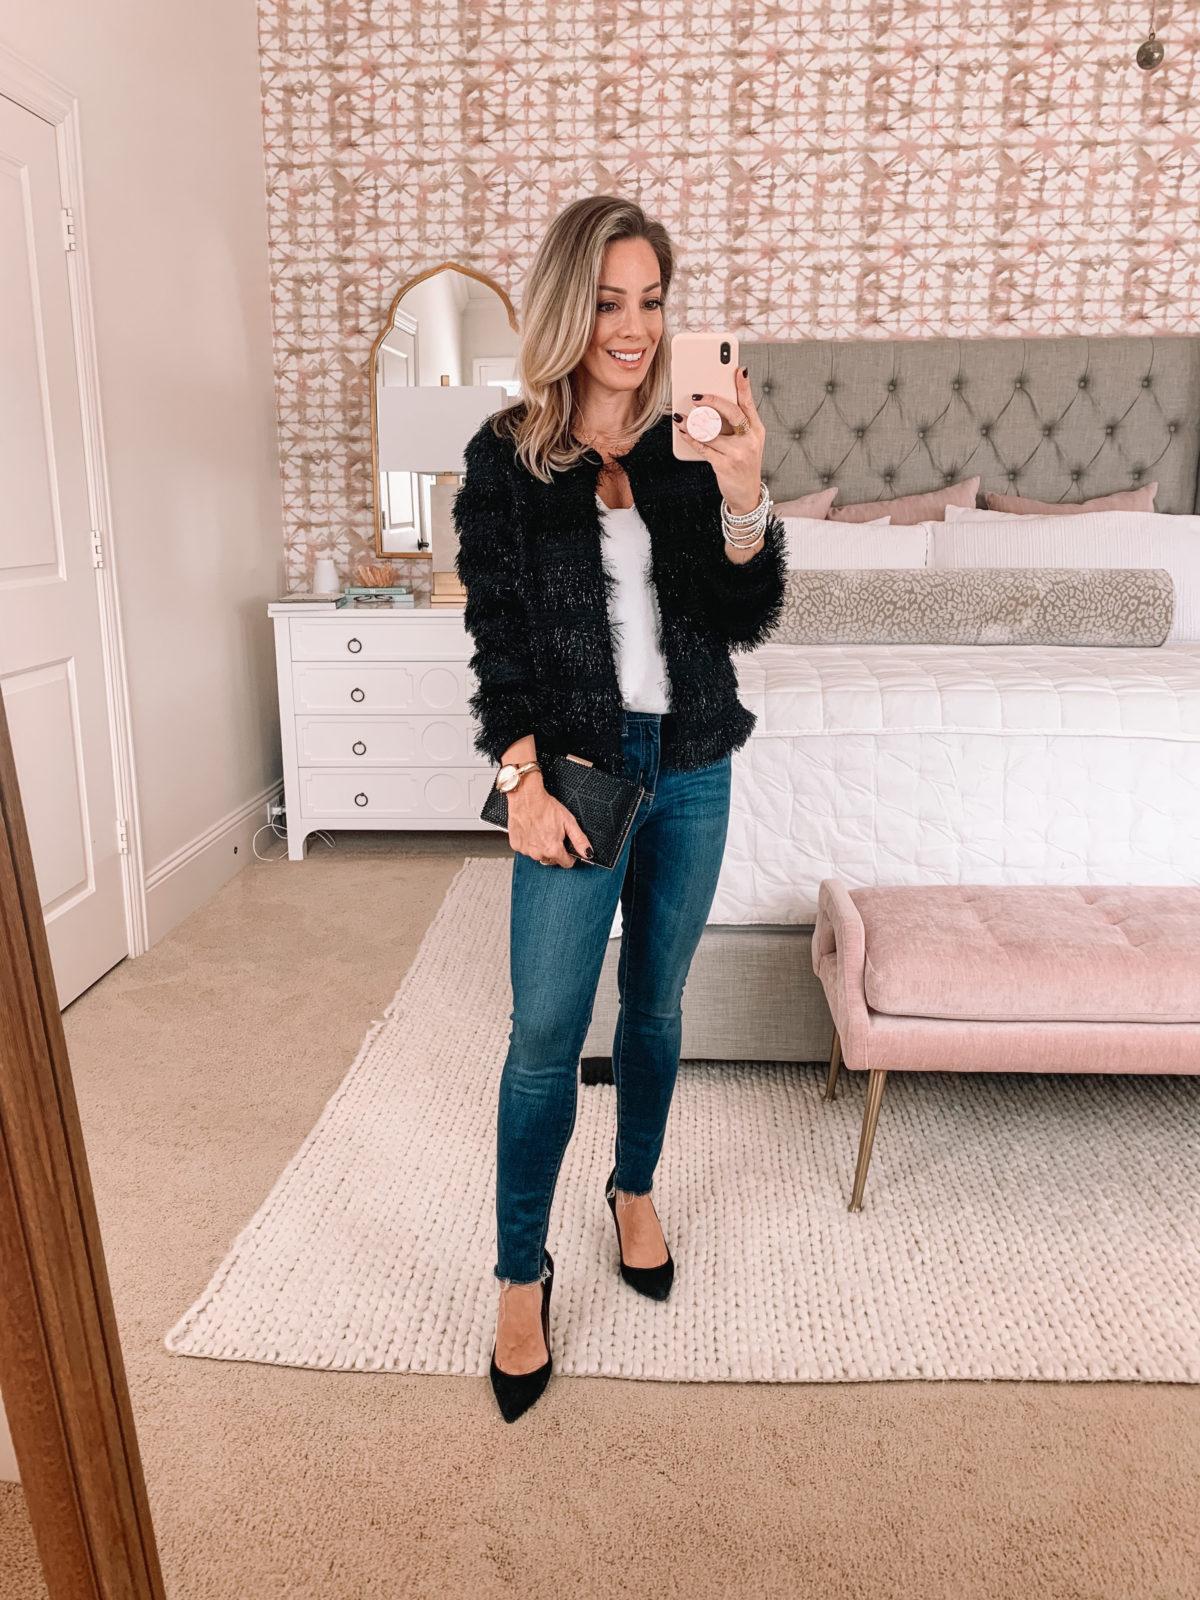 Dressing Room Nordstrom, Fringe Jacket, Jeans, heels